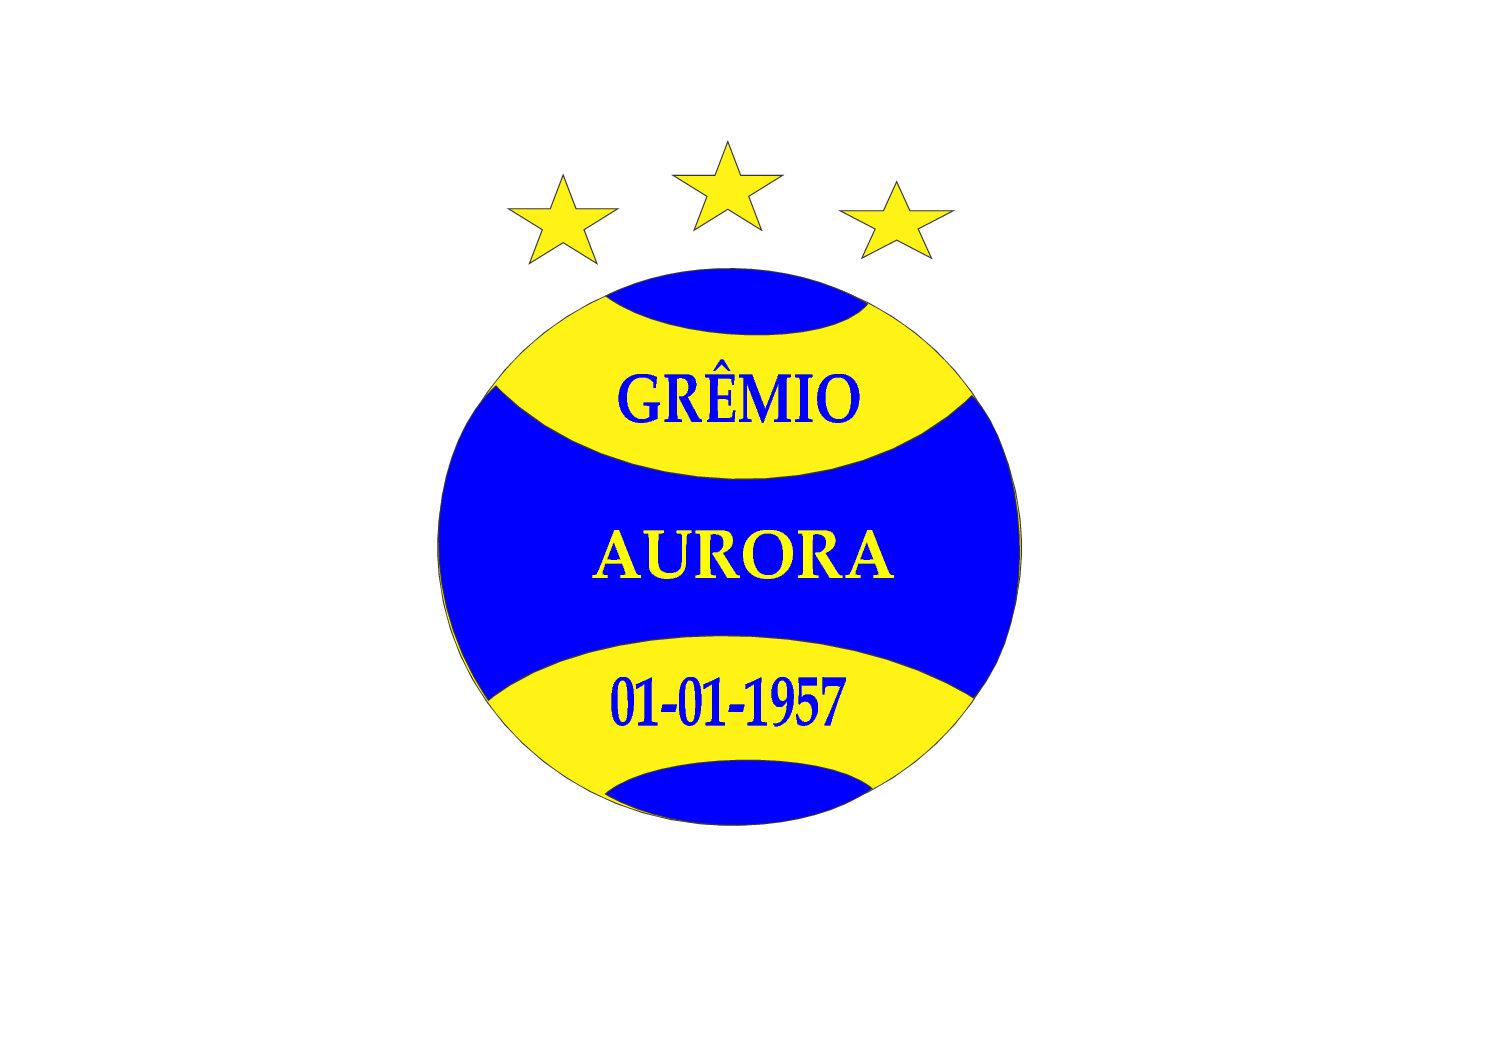 CAMISETAS PERSONALIZADAS PARA EQUIPE DO GRÊMIO ESPORTIVO AURORA, DA CIDADE DE QUINZE DE NOVEMBRO/RS, LOCALIDADE DE SEDE AURORA.